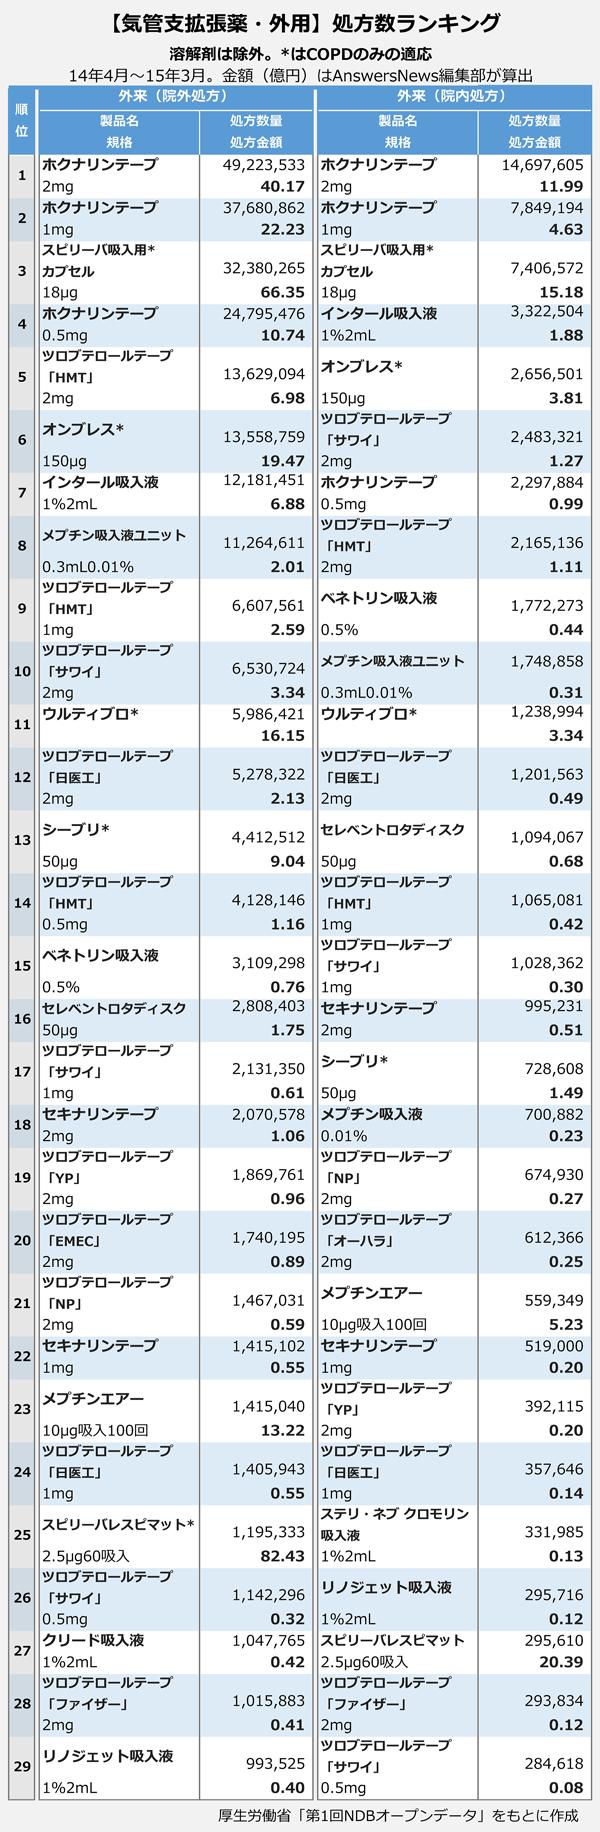 【気管支拡張薬・外用】処方数ランキング